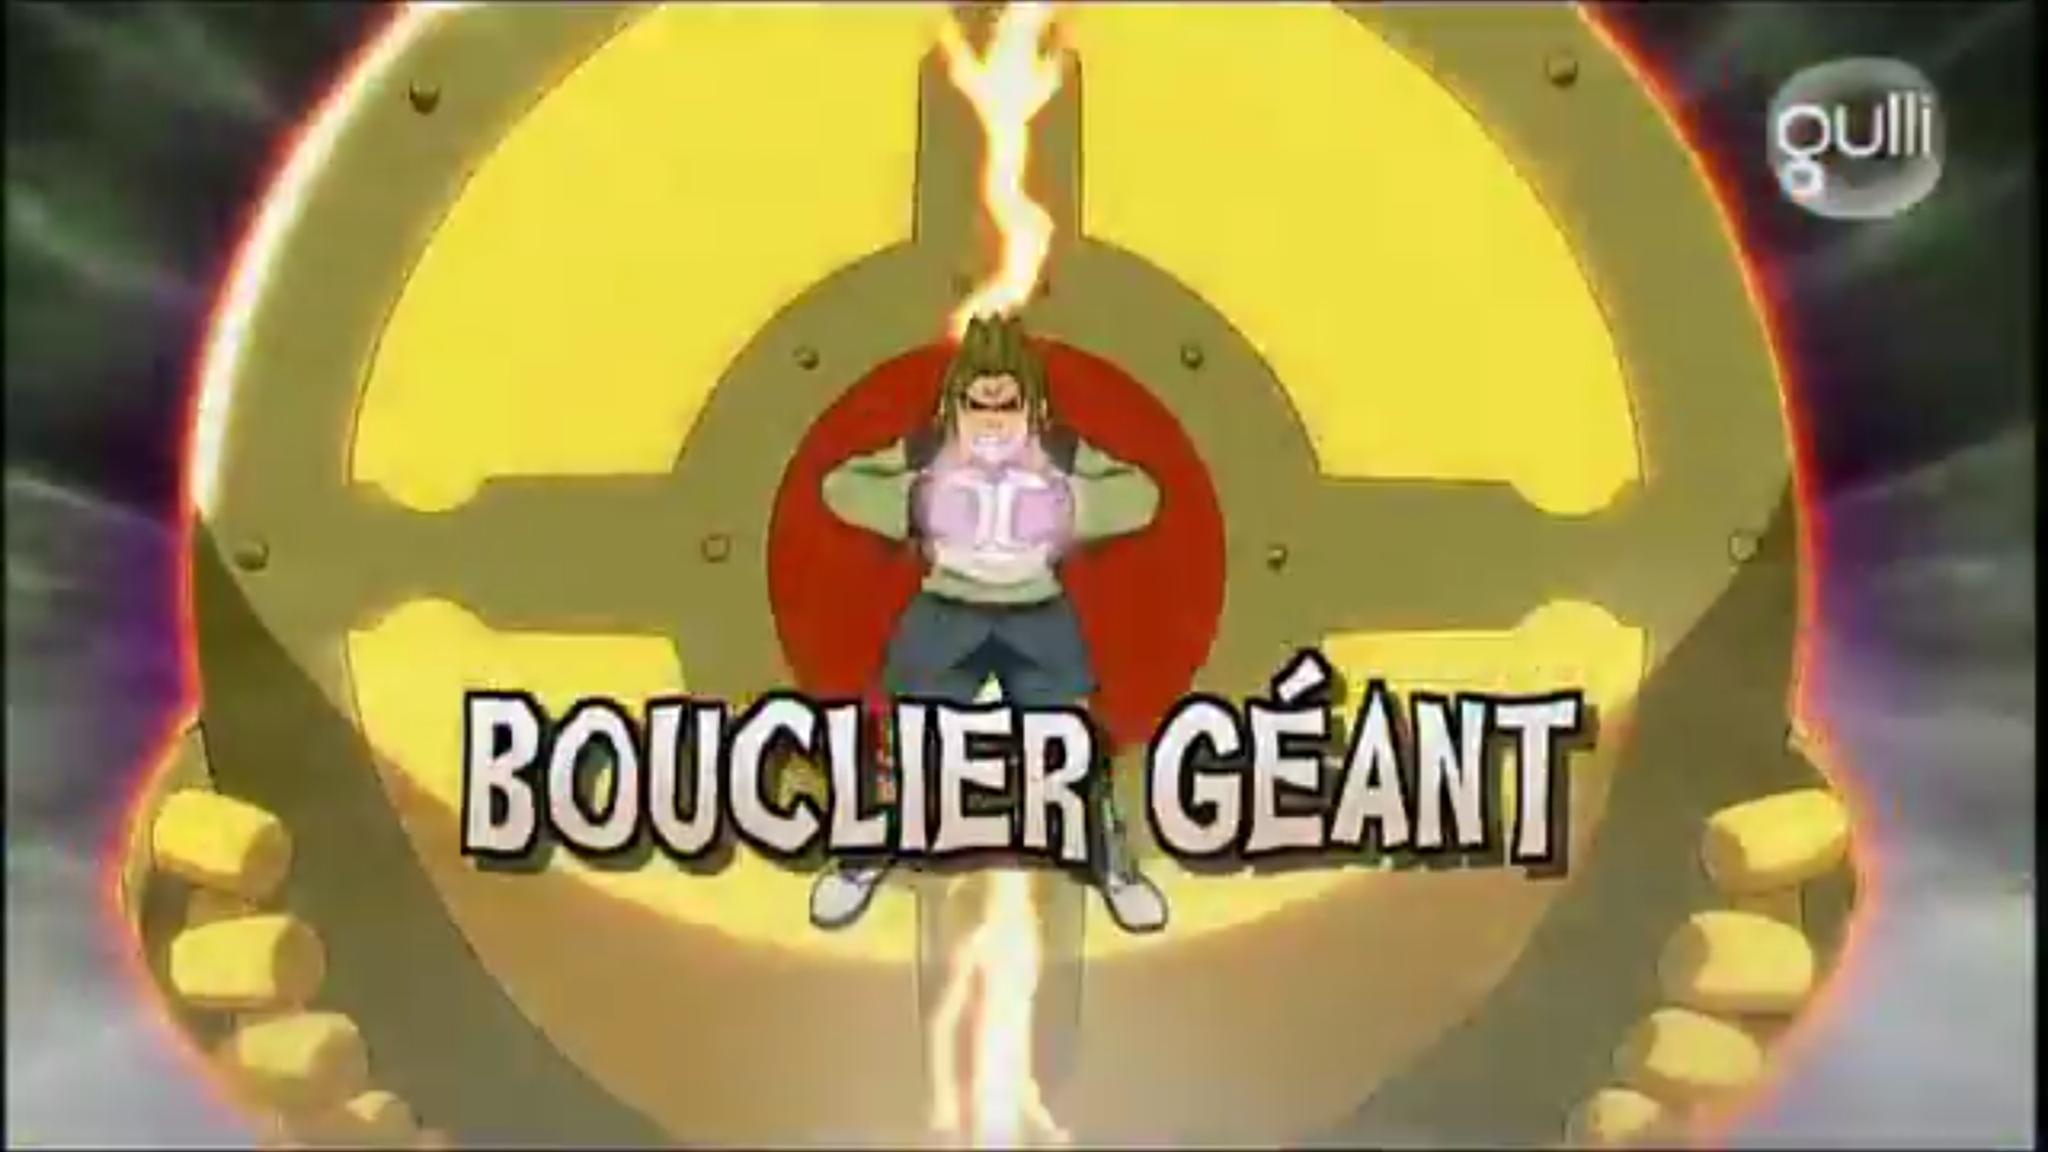 Bouclier Géant